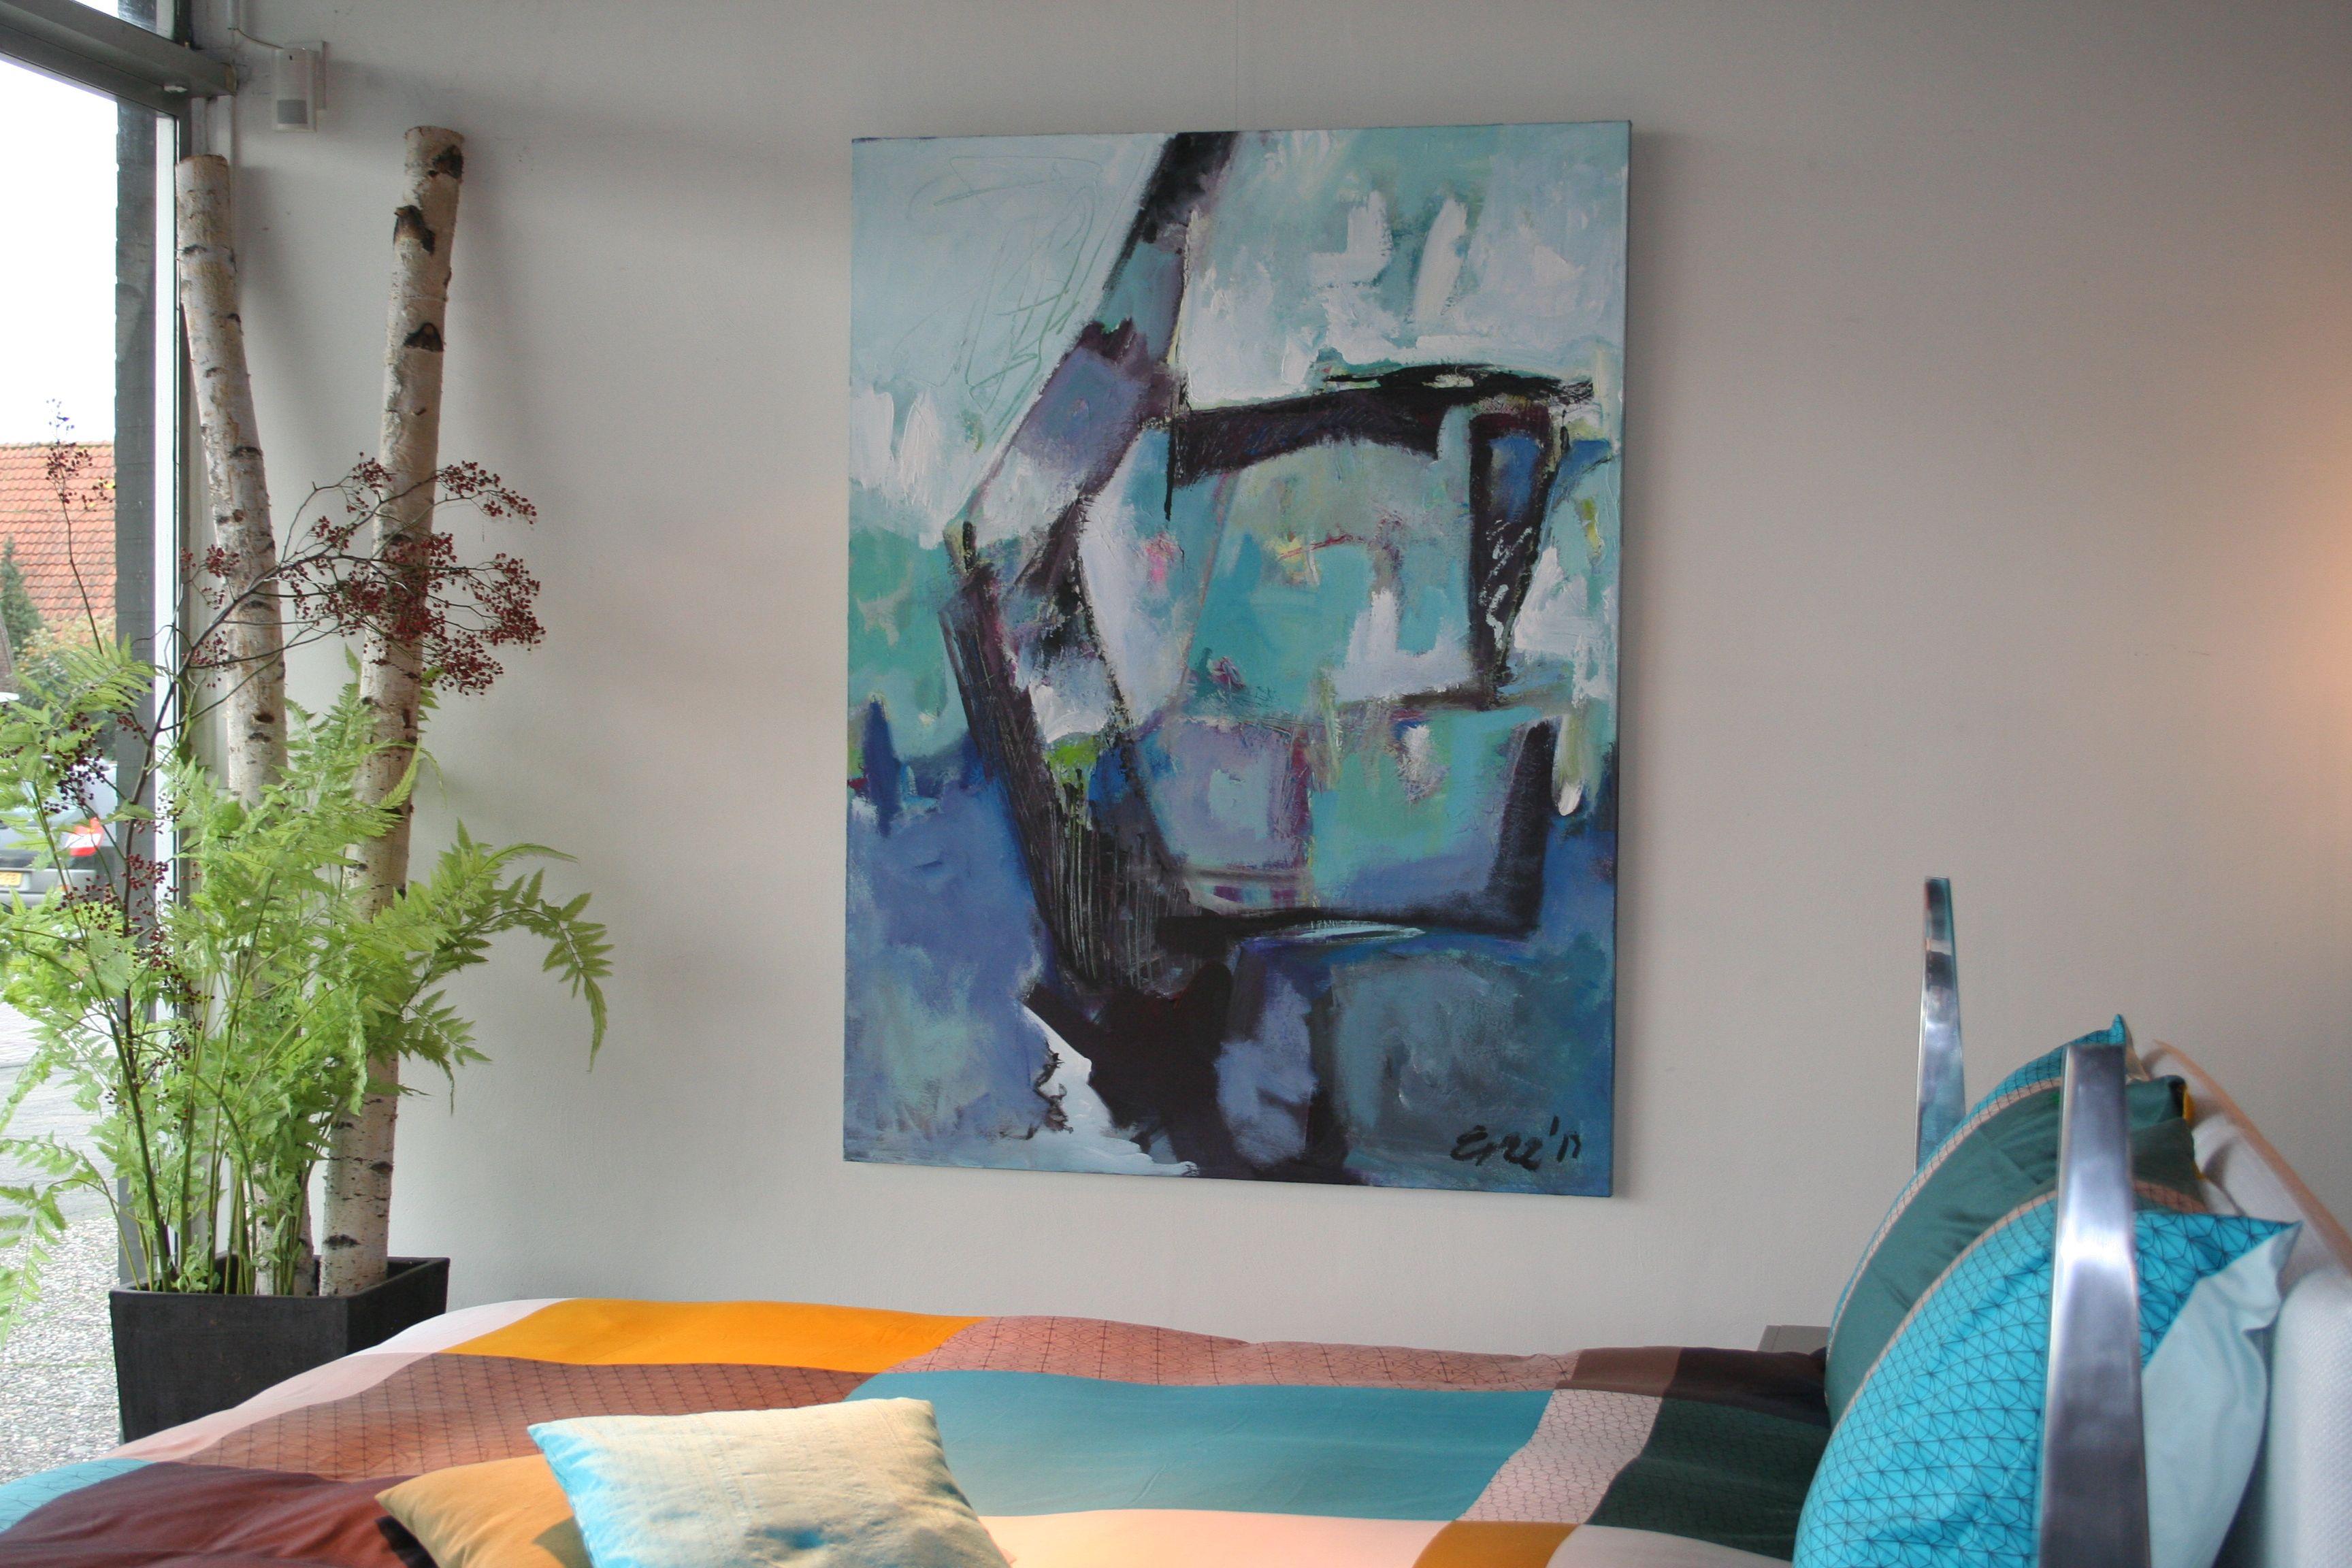 Schilderij 'Los'